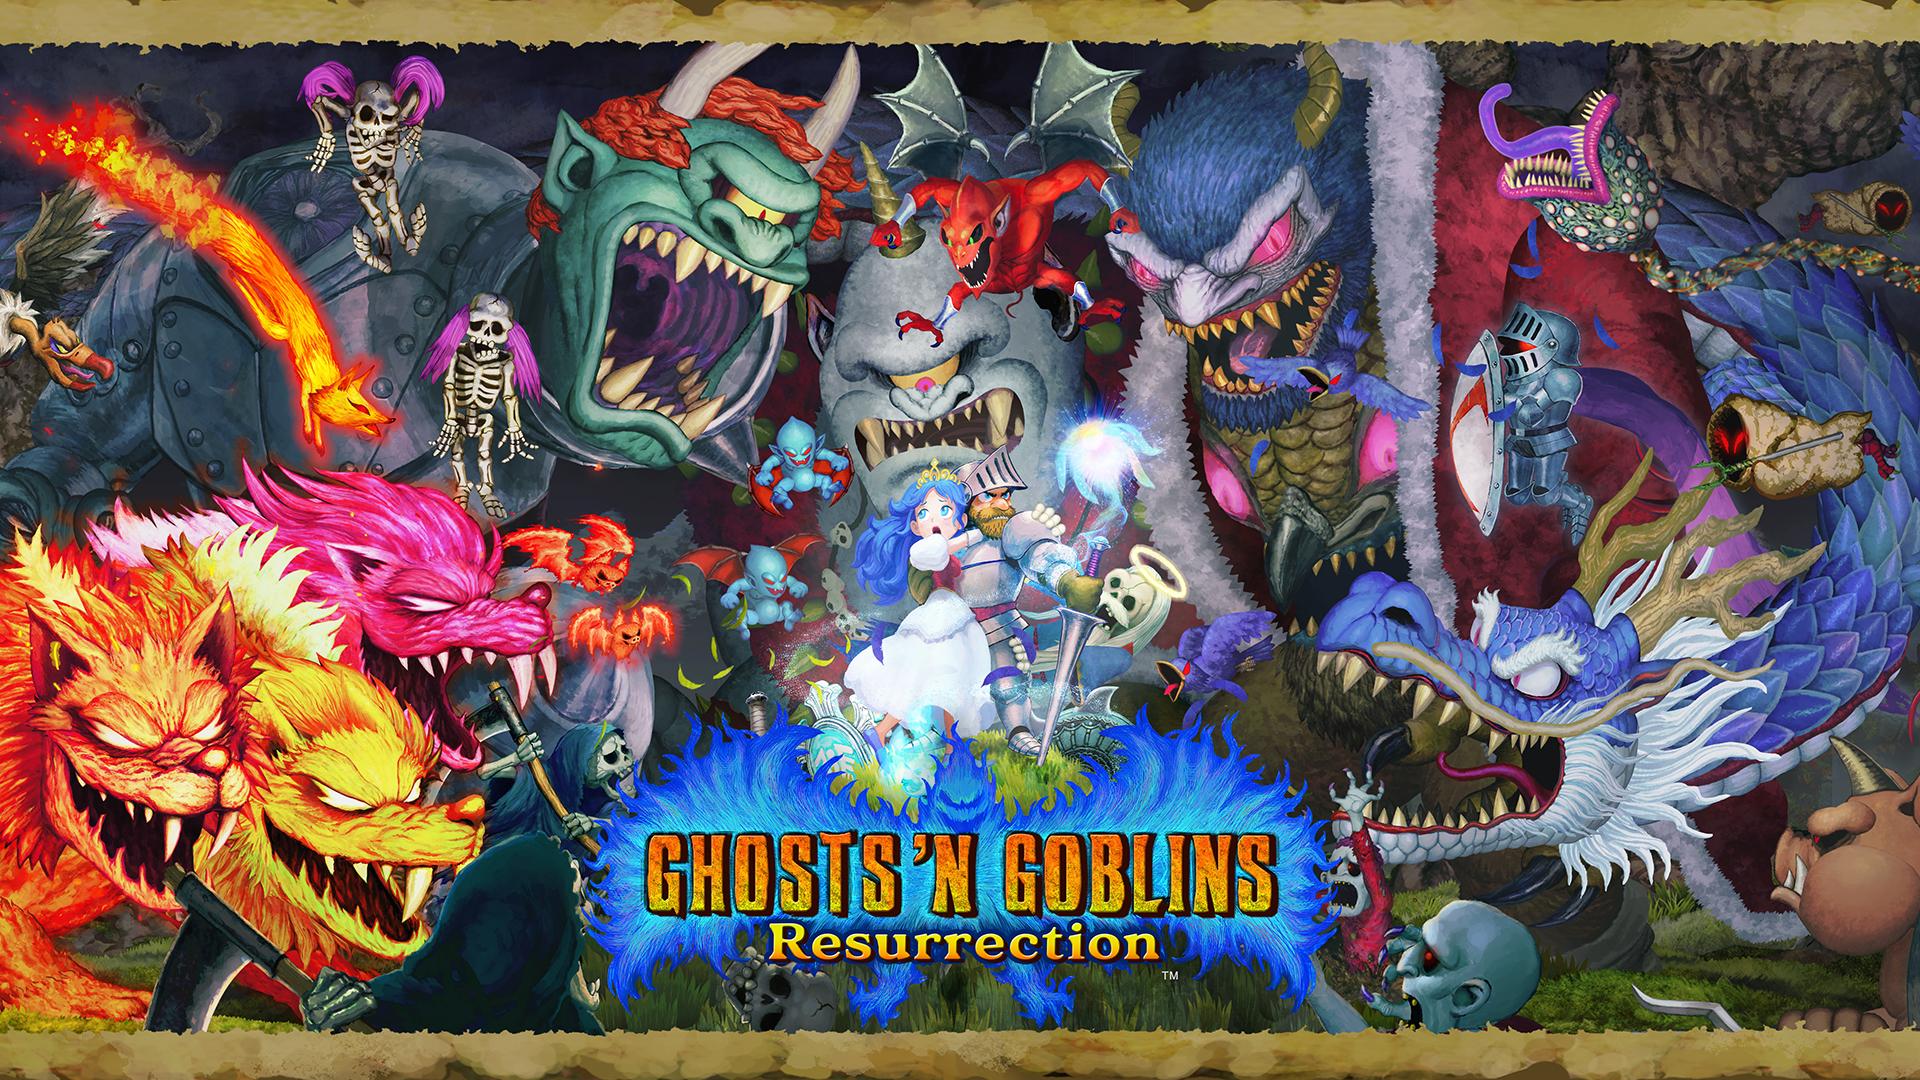 Resurrección de Ghosts 'n Goblins